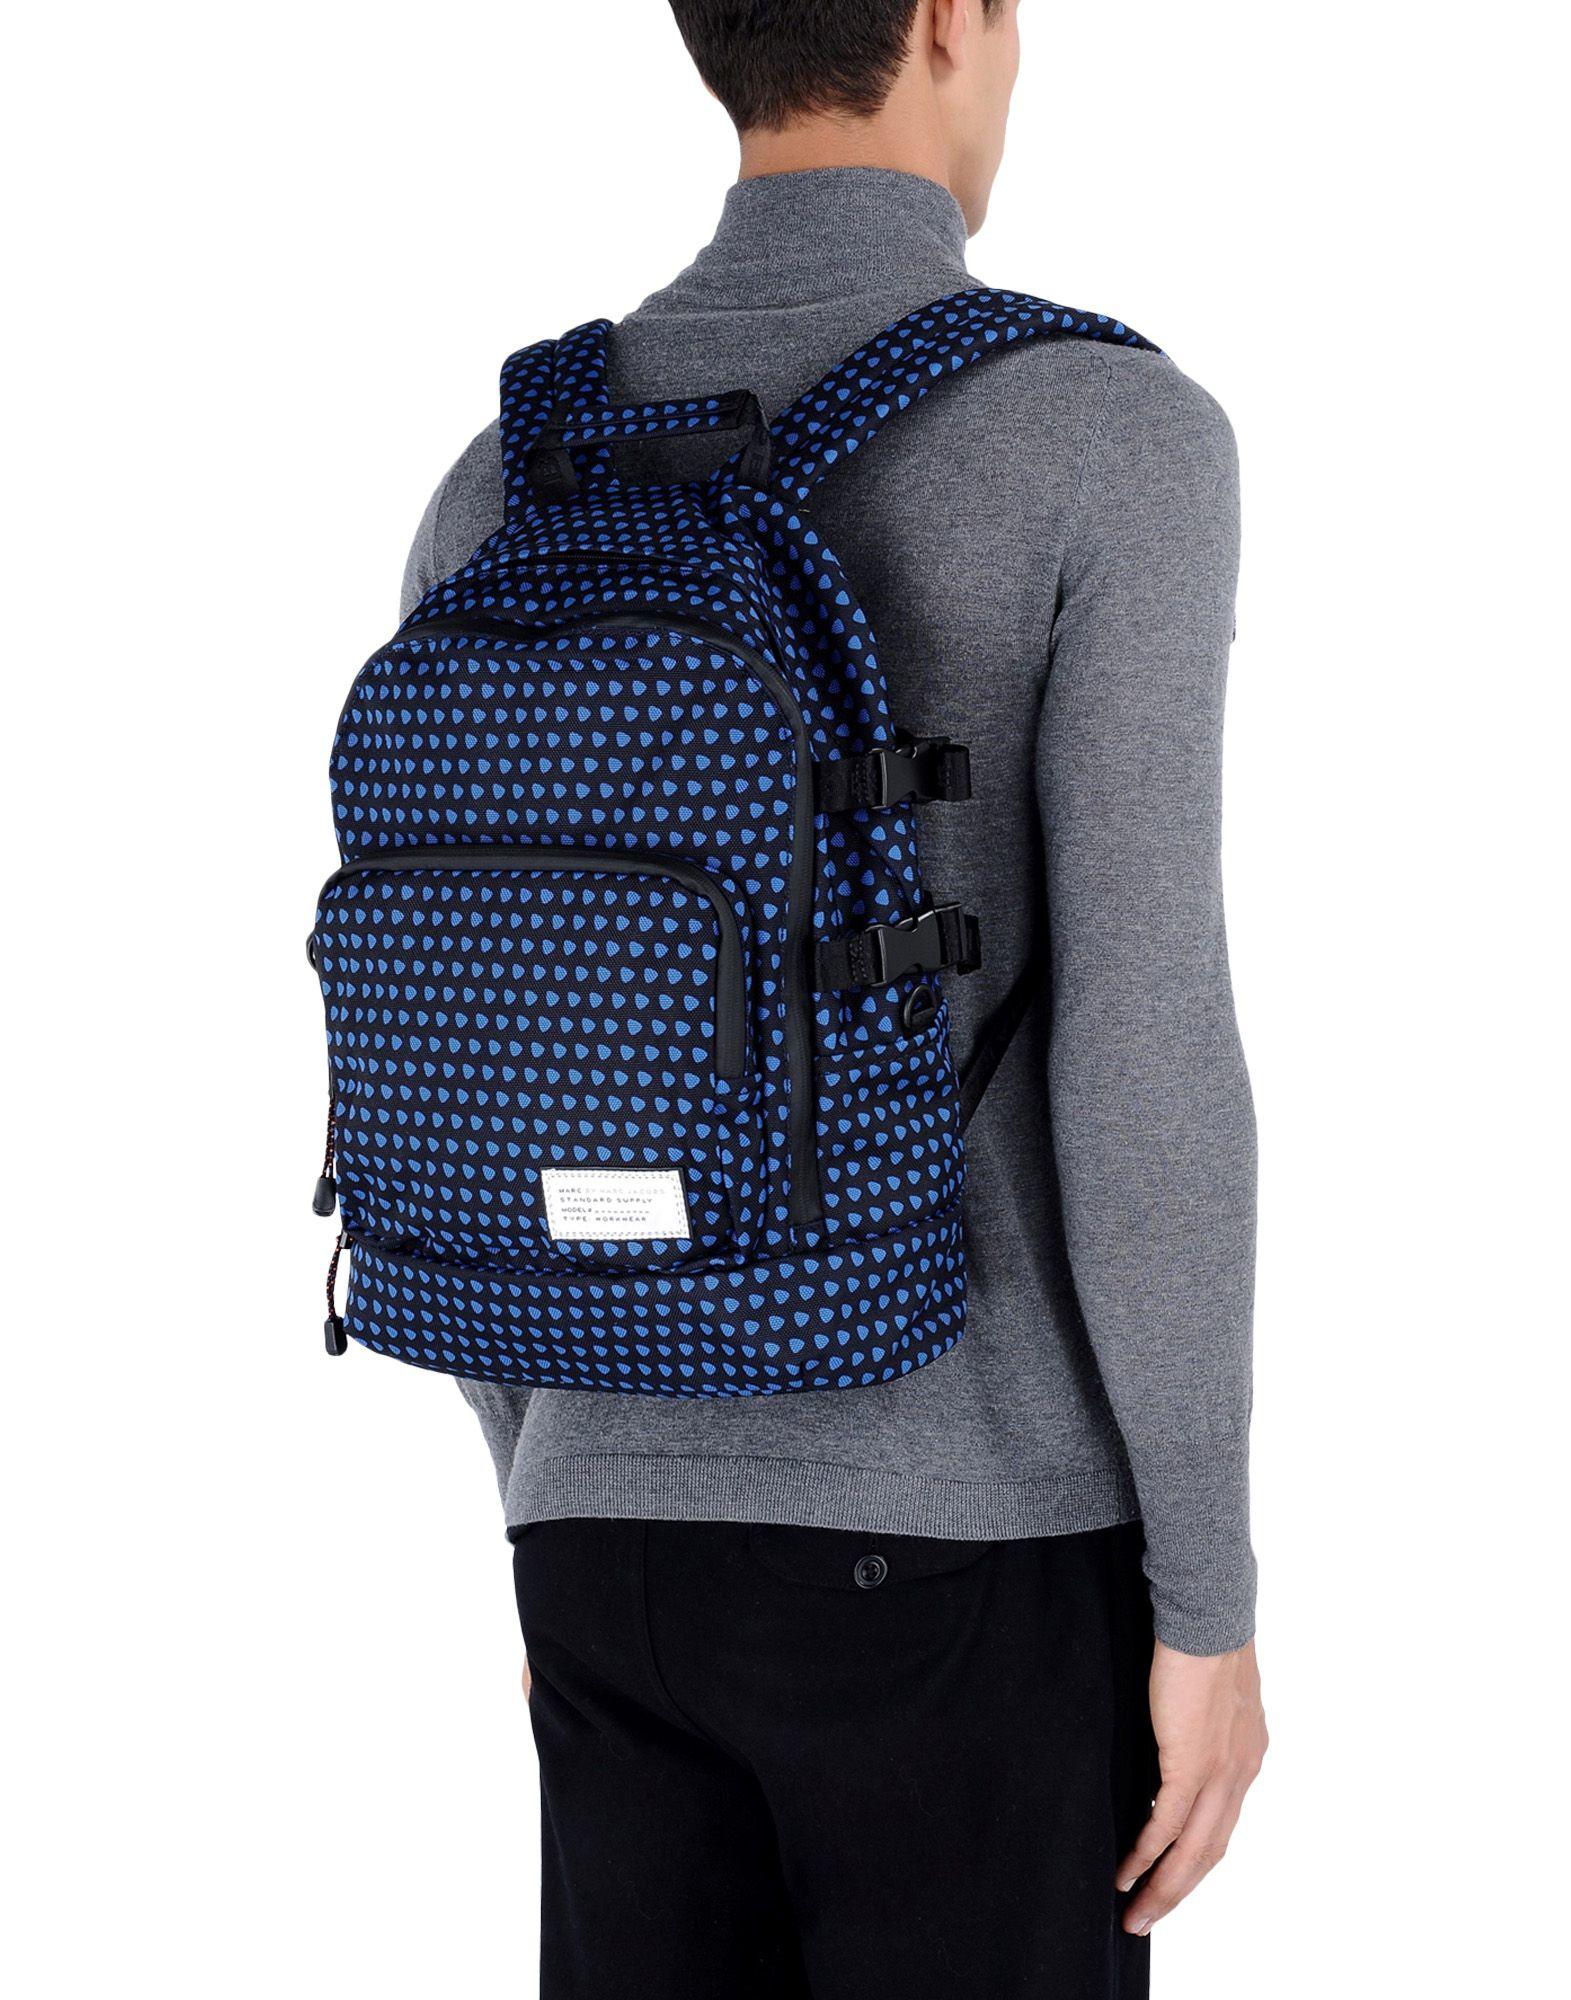 marc by marc jacobs rucksack in black for men lyst. Black Bedroom Furniture Sets. Home Design Ideas